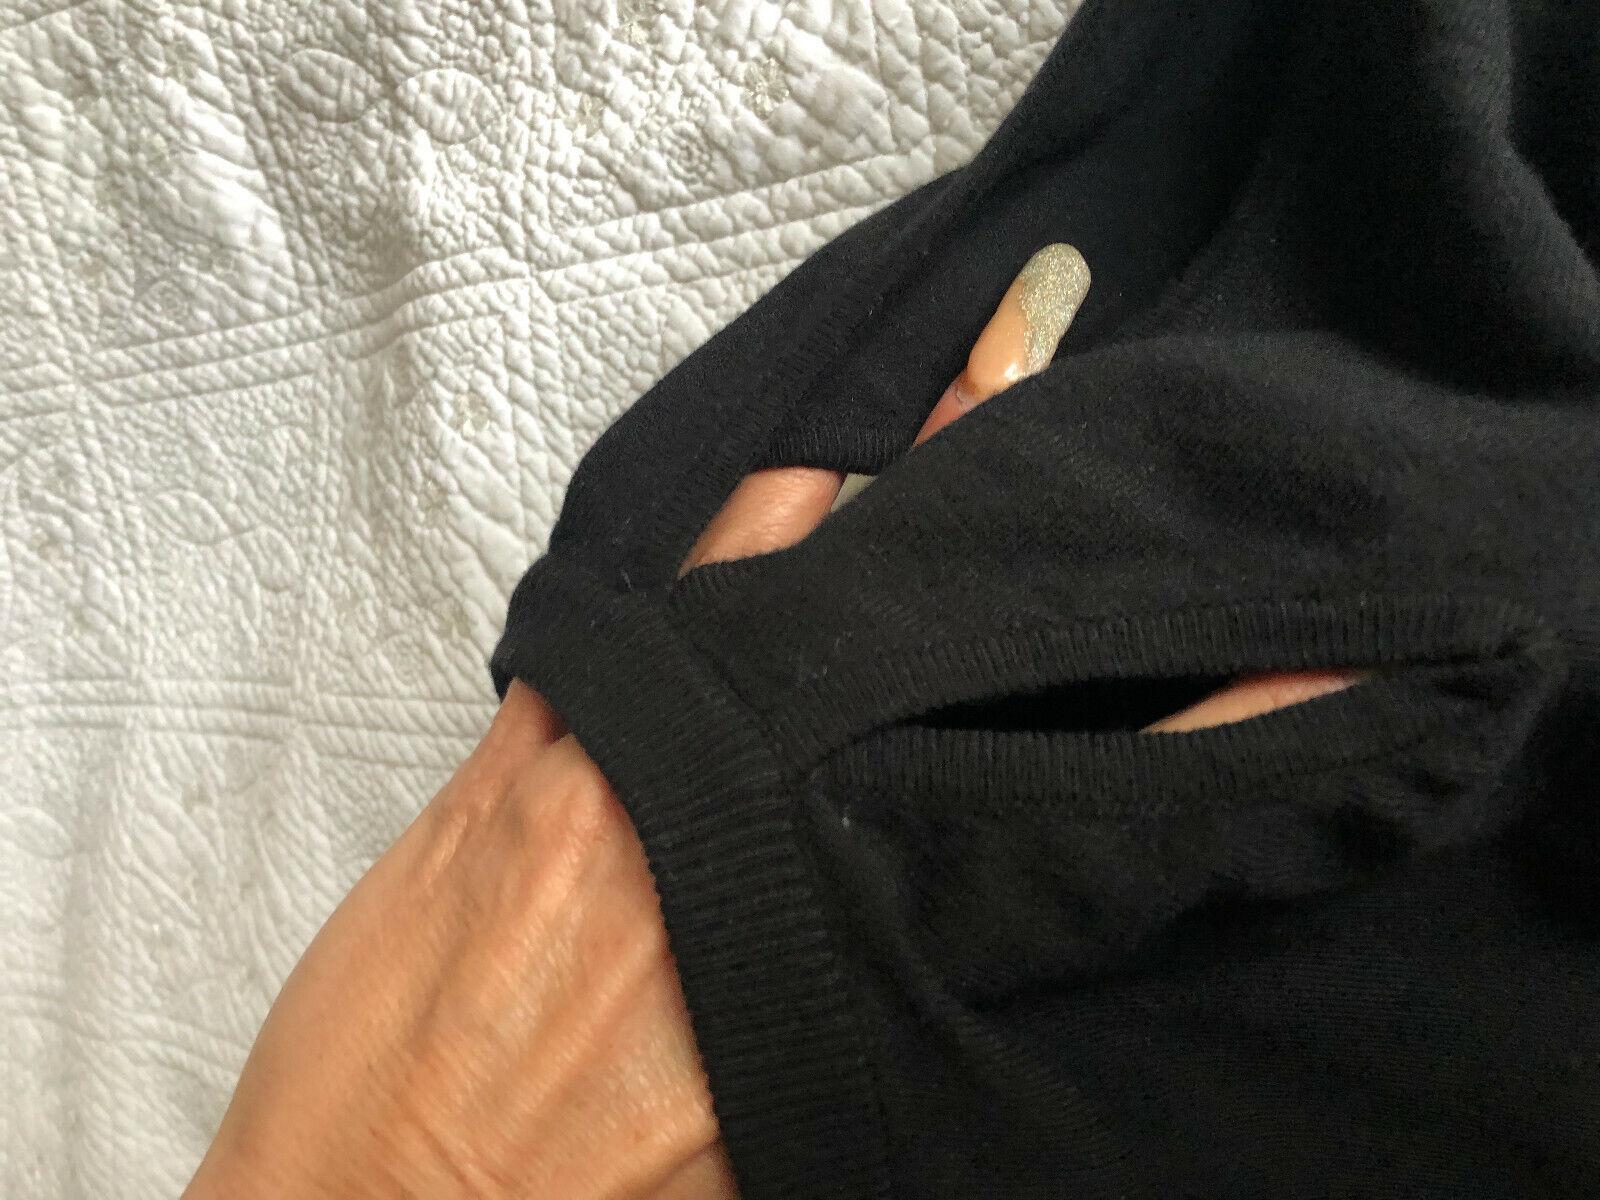 Jeans Denim G Star Defend Supereng Herren Hose 3d SchöN Und Charmant Herrenmode Jeans